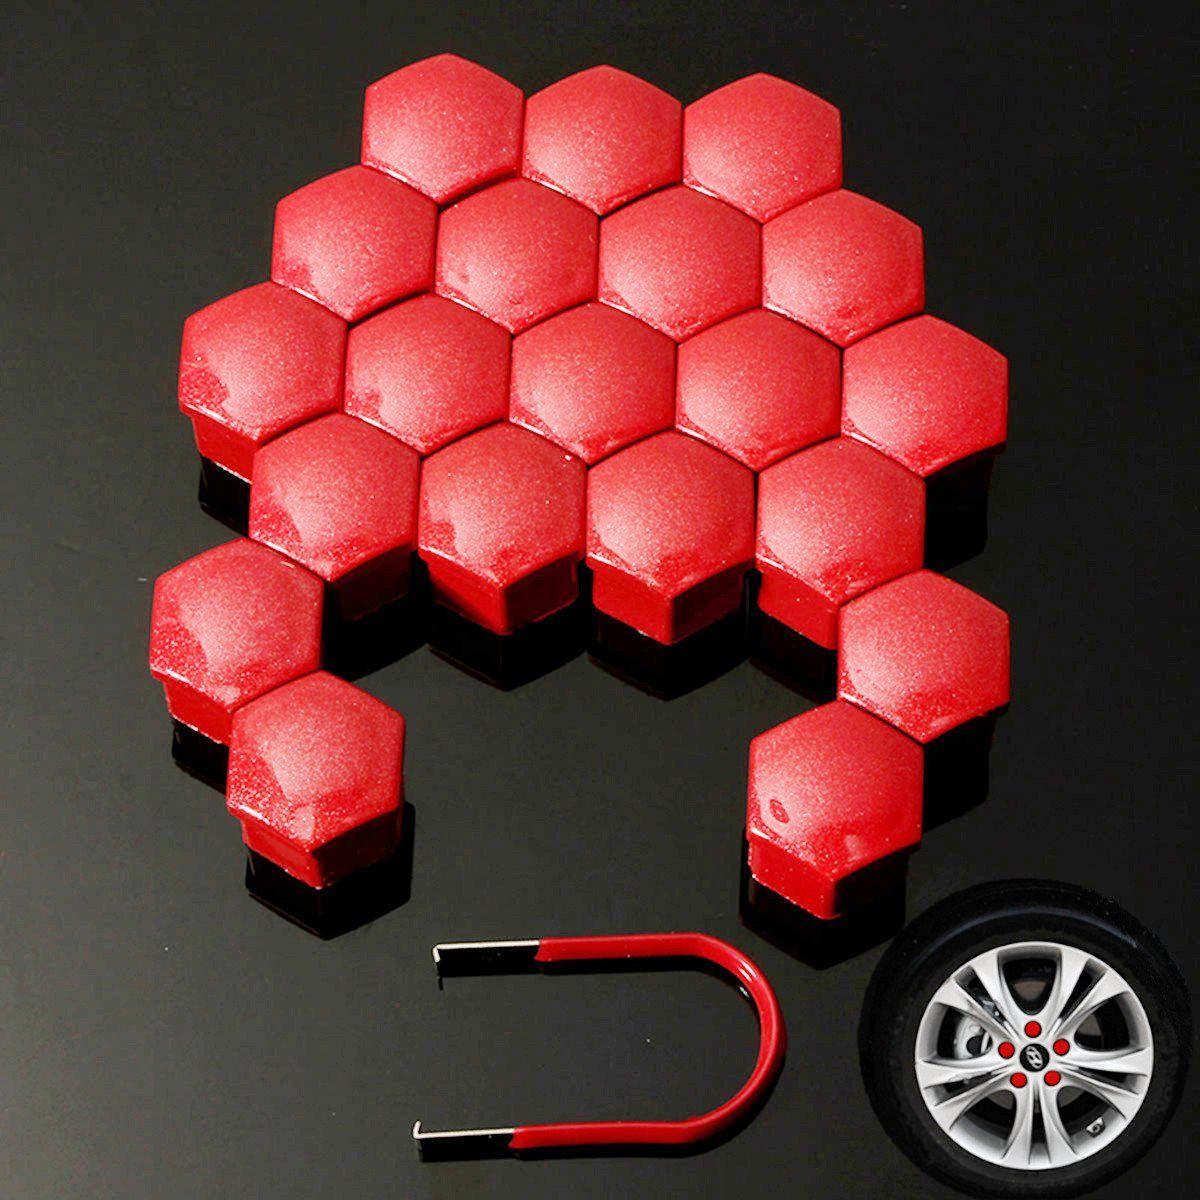 20 teile/satz Universal Auto 21mm Radmutter Bolt Kopf Abdeckkappe Hexagonal Für Audi/BMW/VW